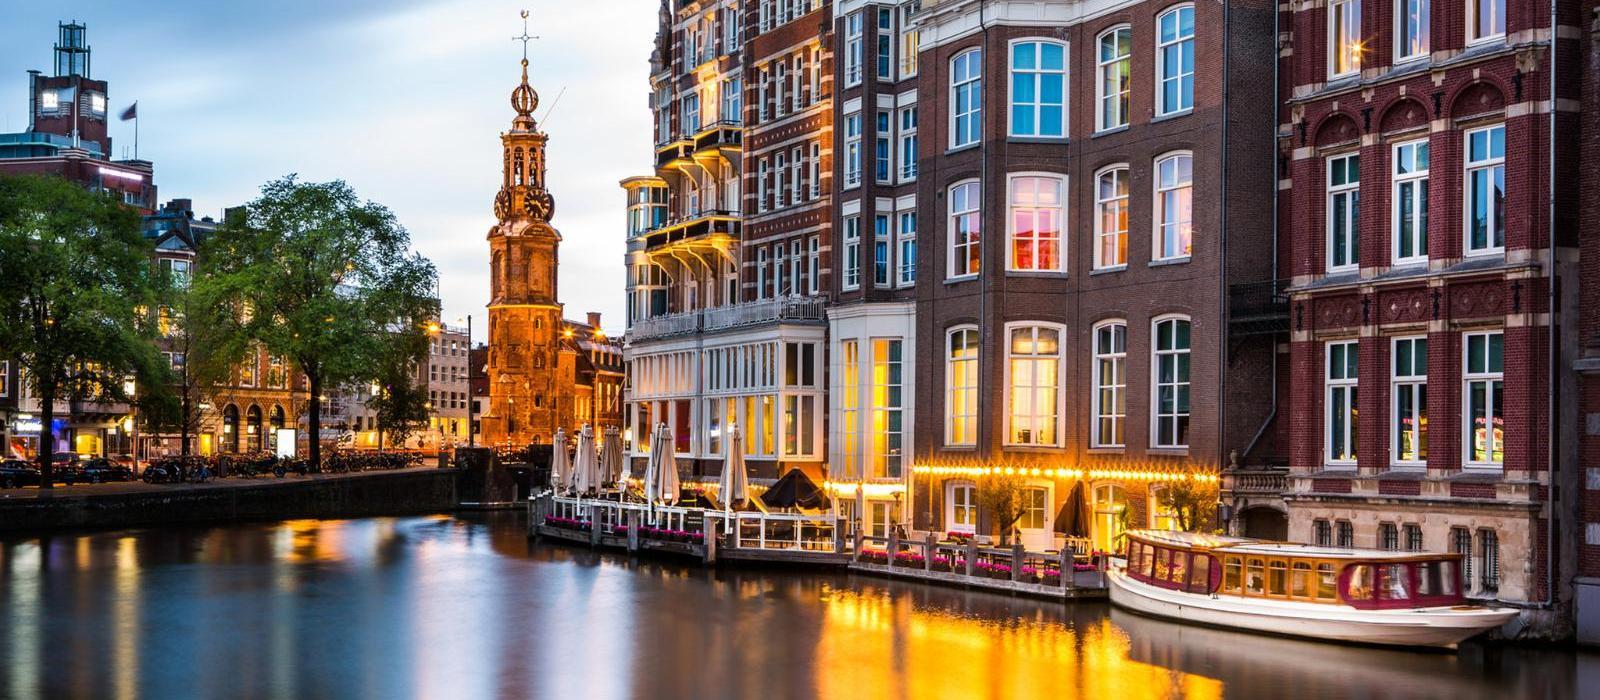 阿姆斯特丹欧洲古韵酒店(De L'Europe Amsterdam) 图片  www.lhw.cn